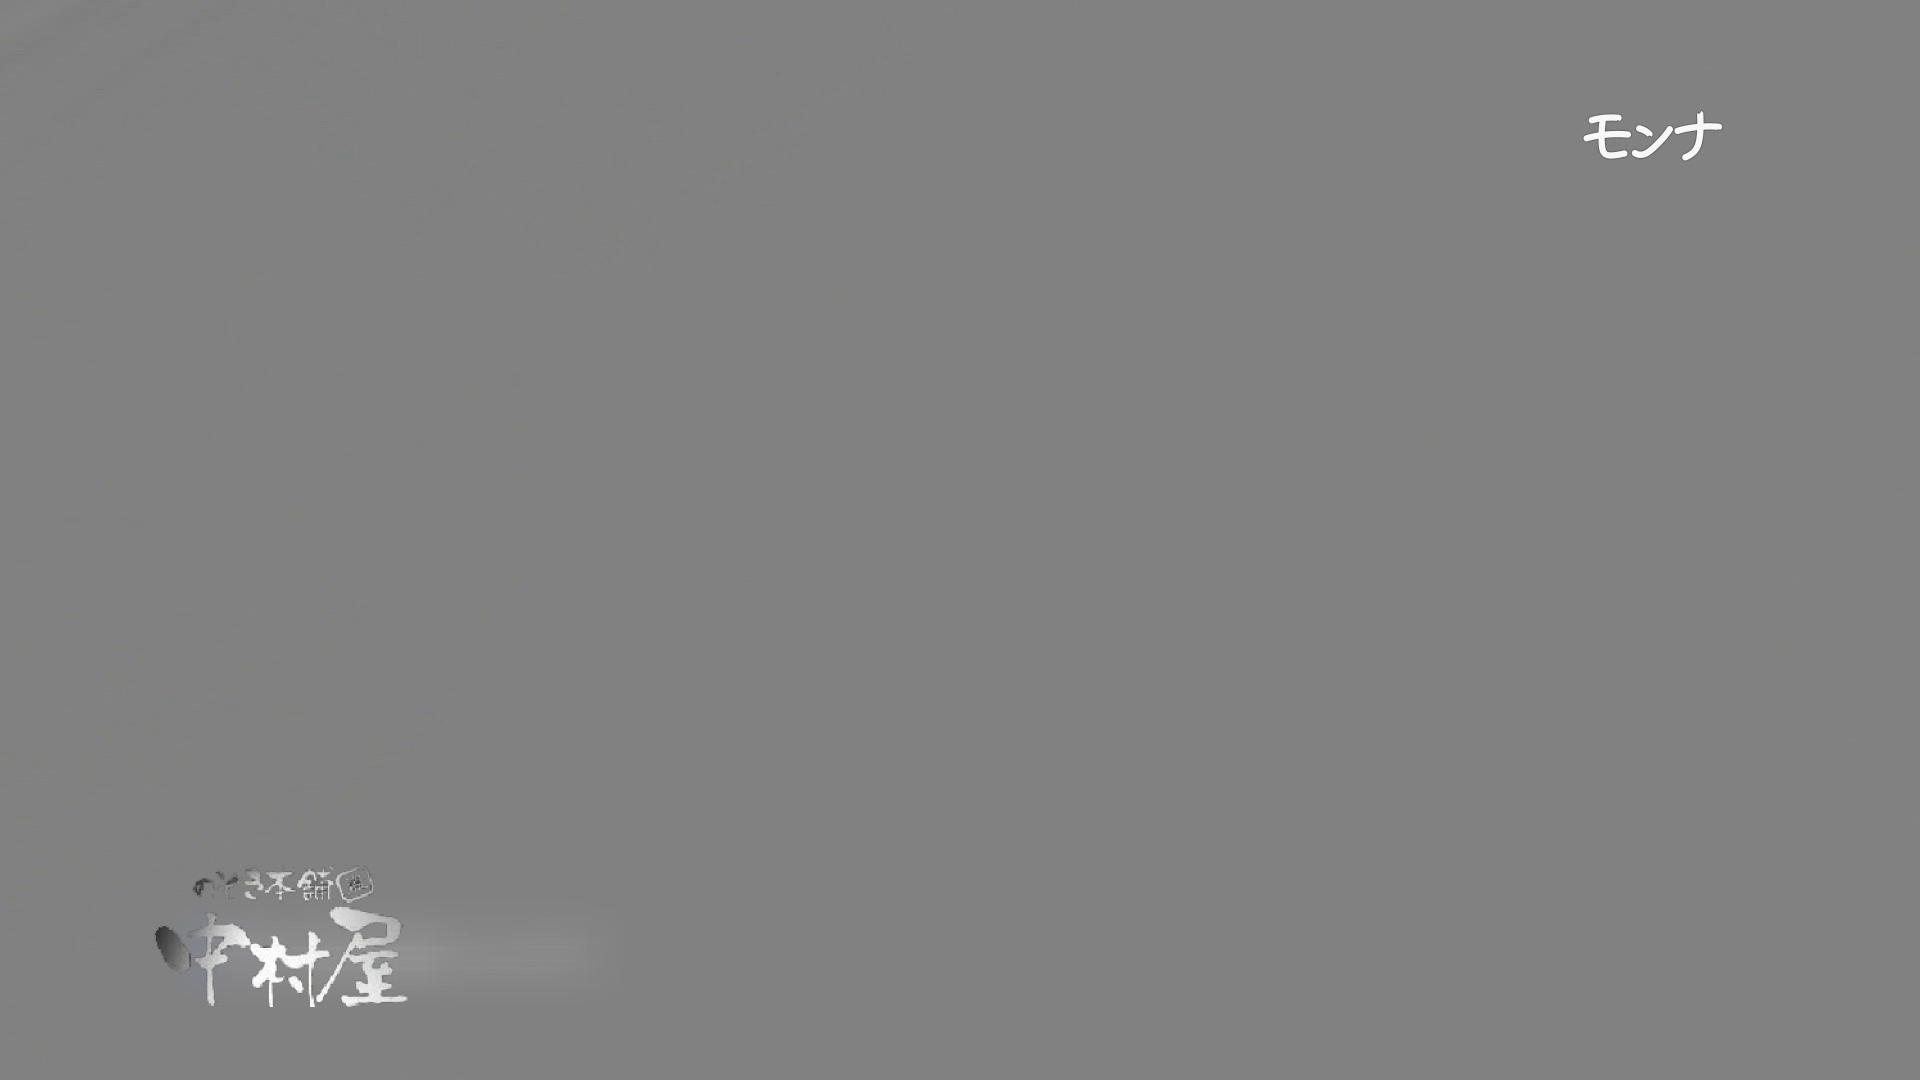 【美しい日本の未来】新学期!!下半身中心に攻めてます美女可愛い女子悪戯盗satuトイレ後編 トイレ流出  82連発 80